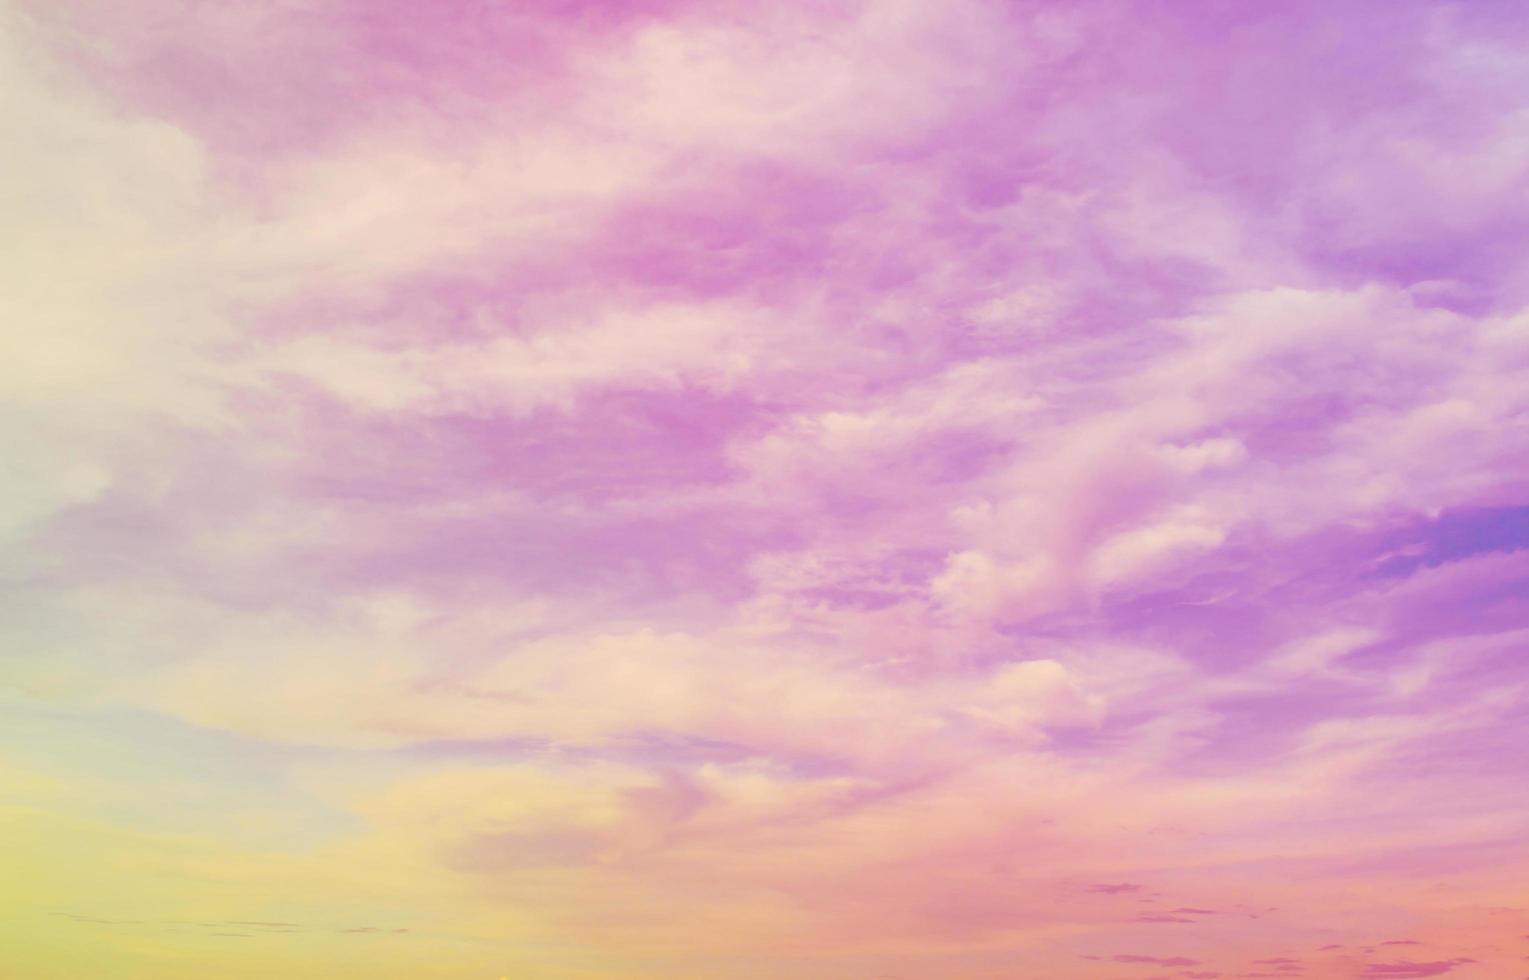 livliga moln och himmel bakgrund foto